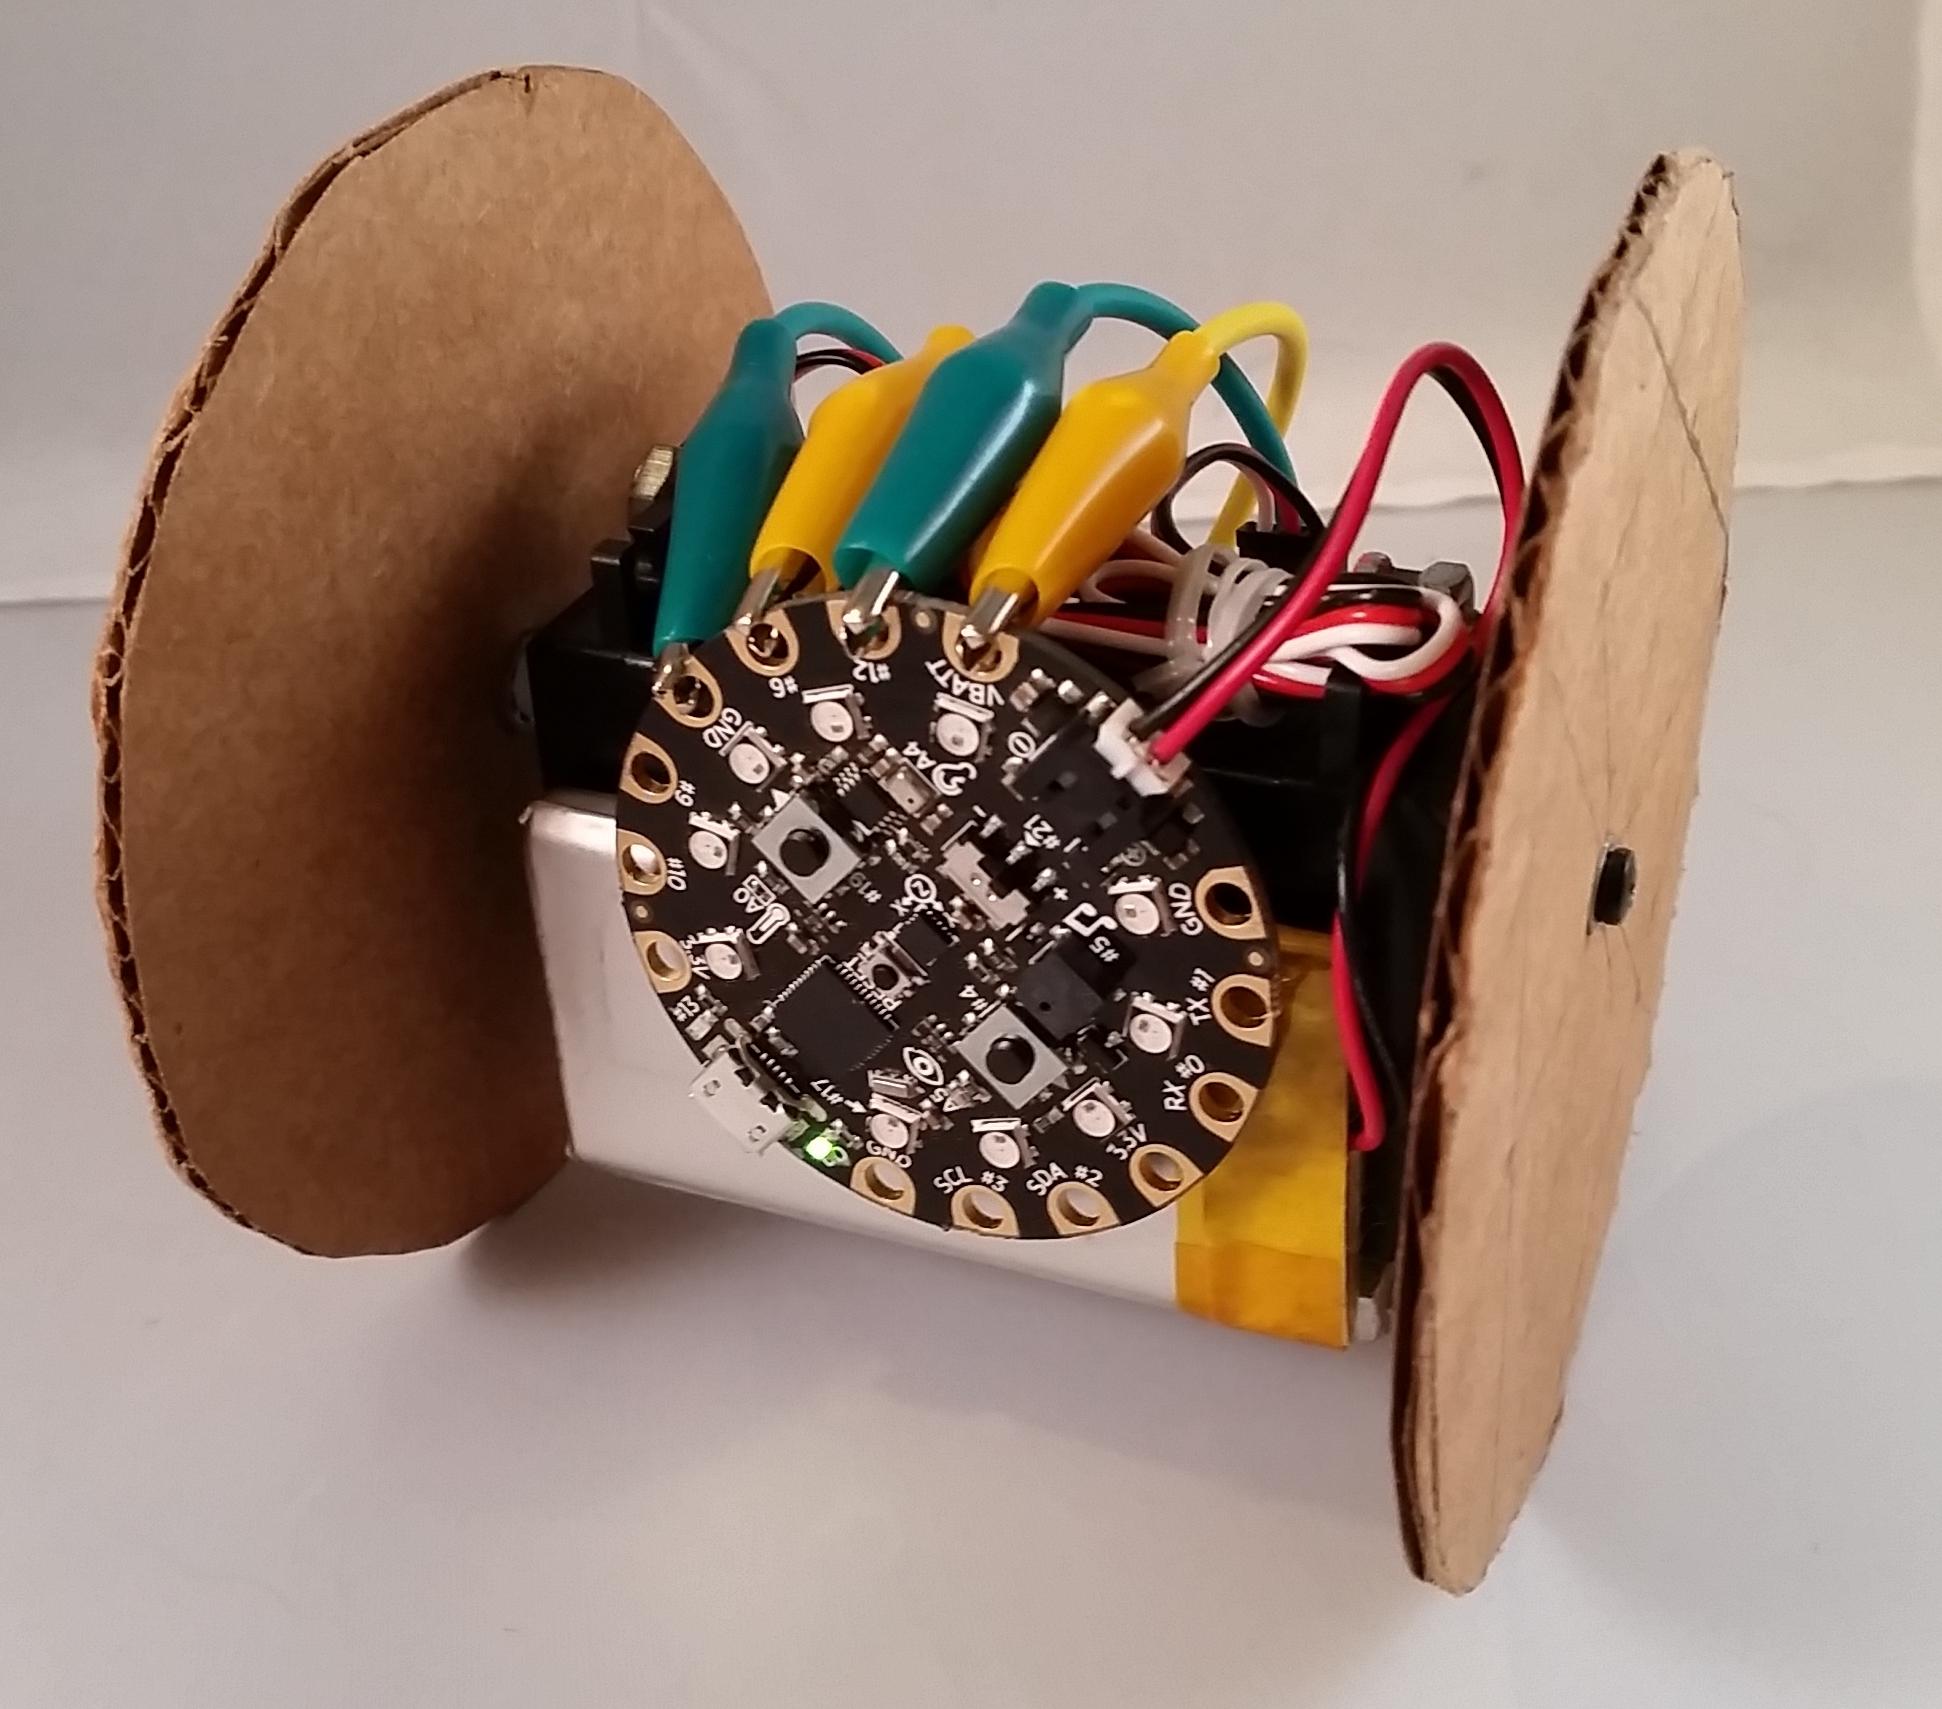 circuit_playground_robot.jpg